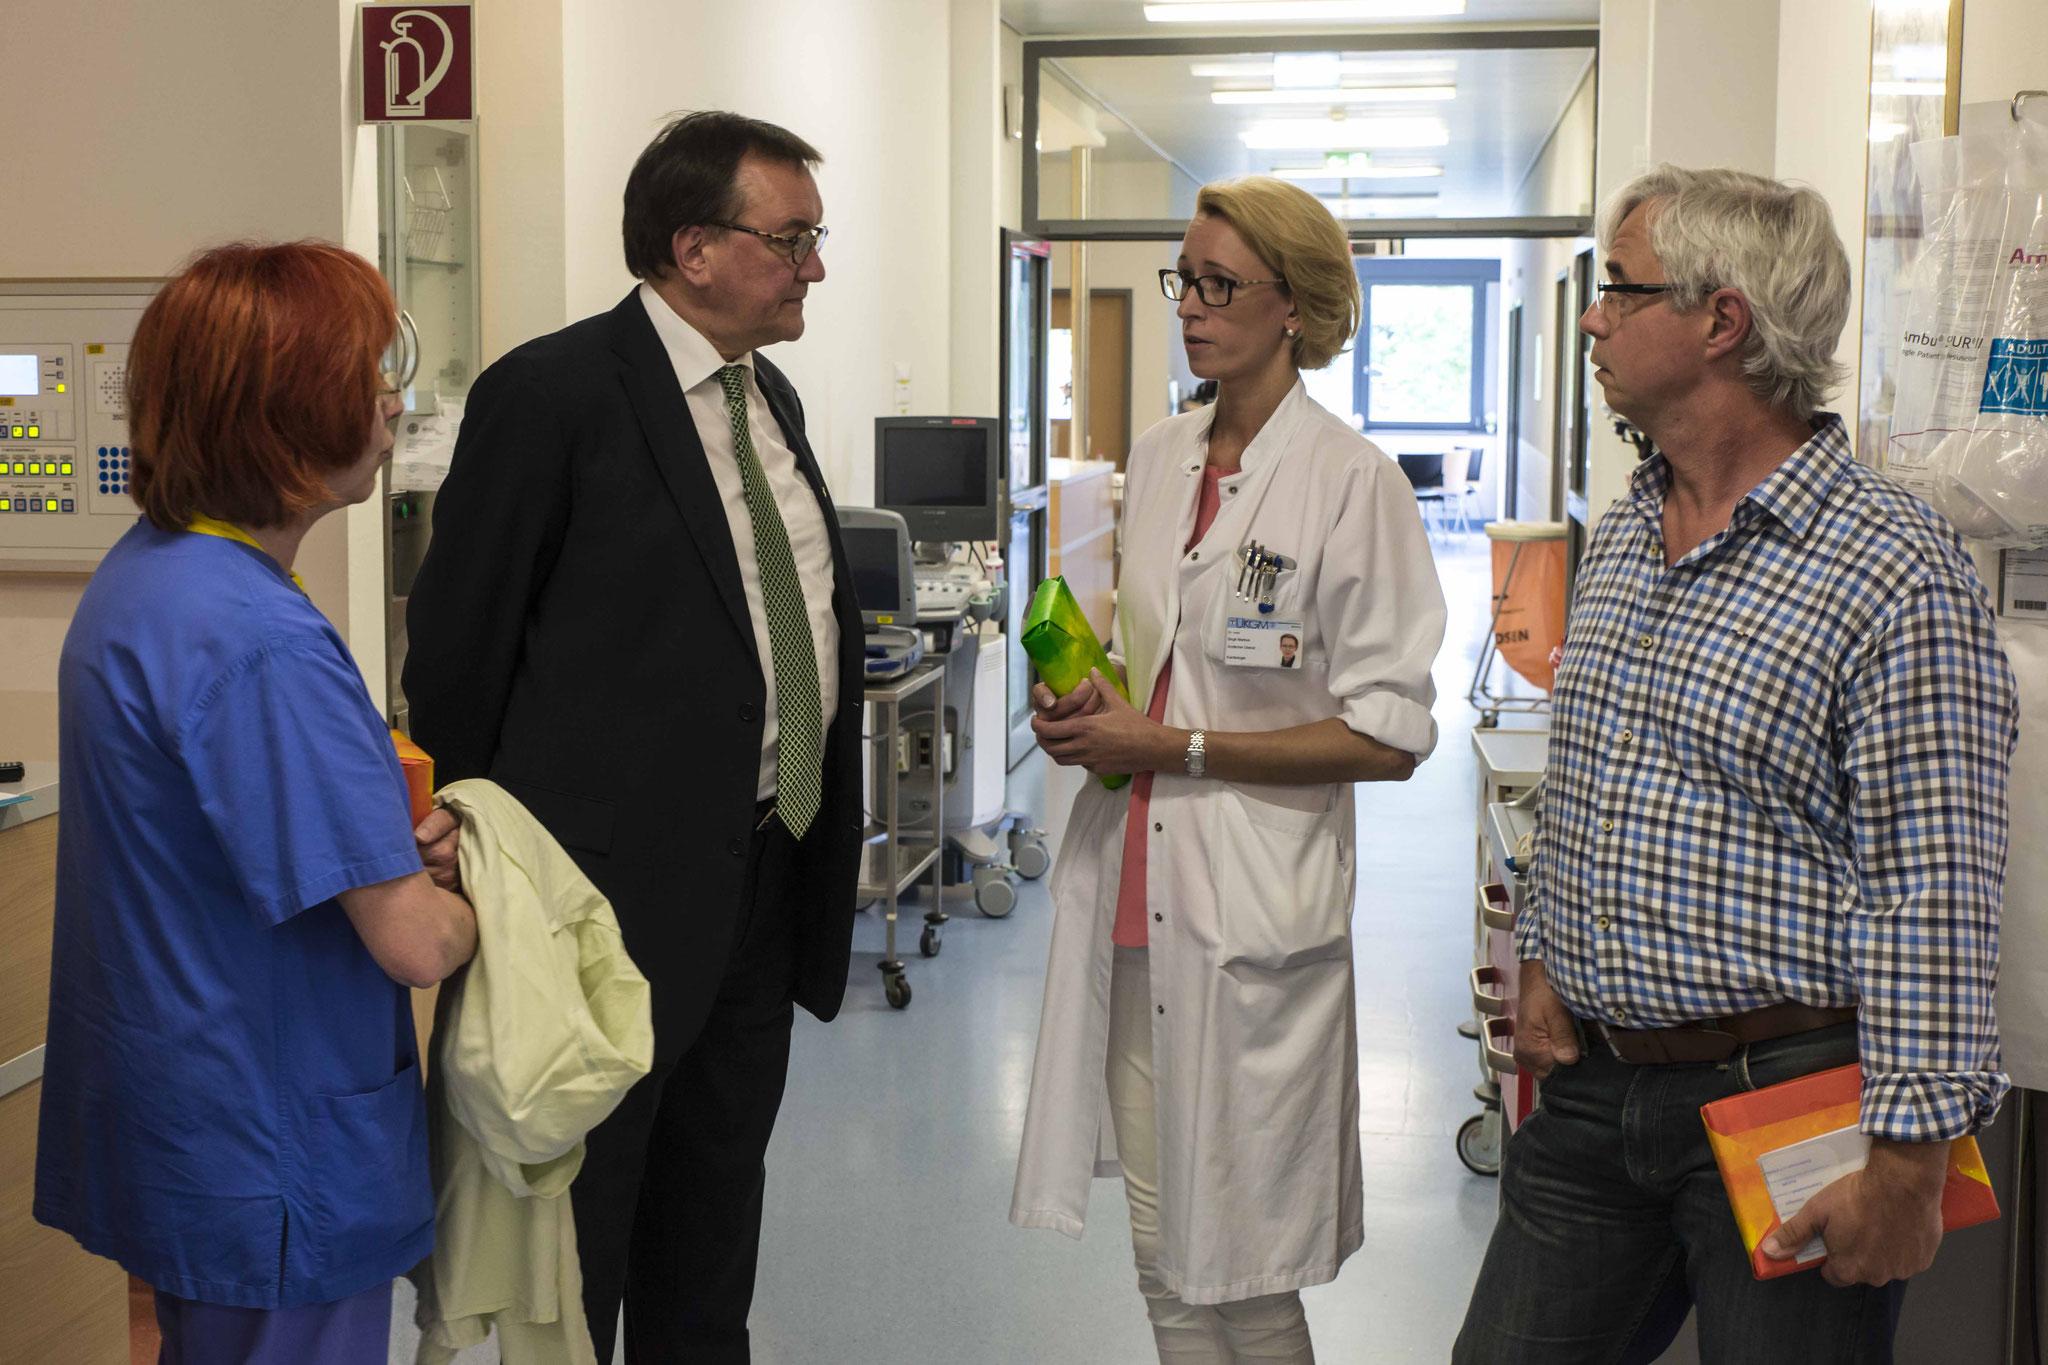 Gudrun Bittner (Stationsleitung), Bischof Prof. Dr. Martin Hein, Dr. Birgit Markus, Bernd Reinhard (Pfleger)